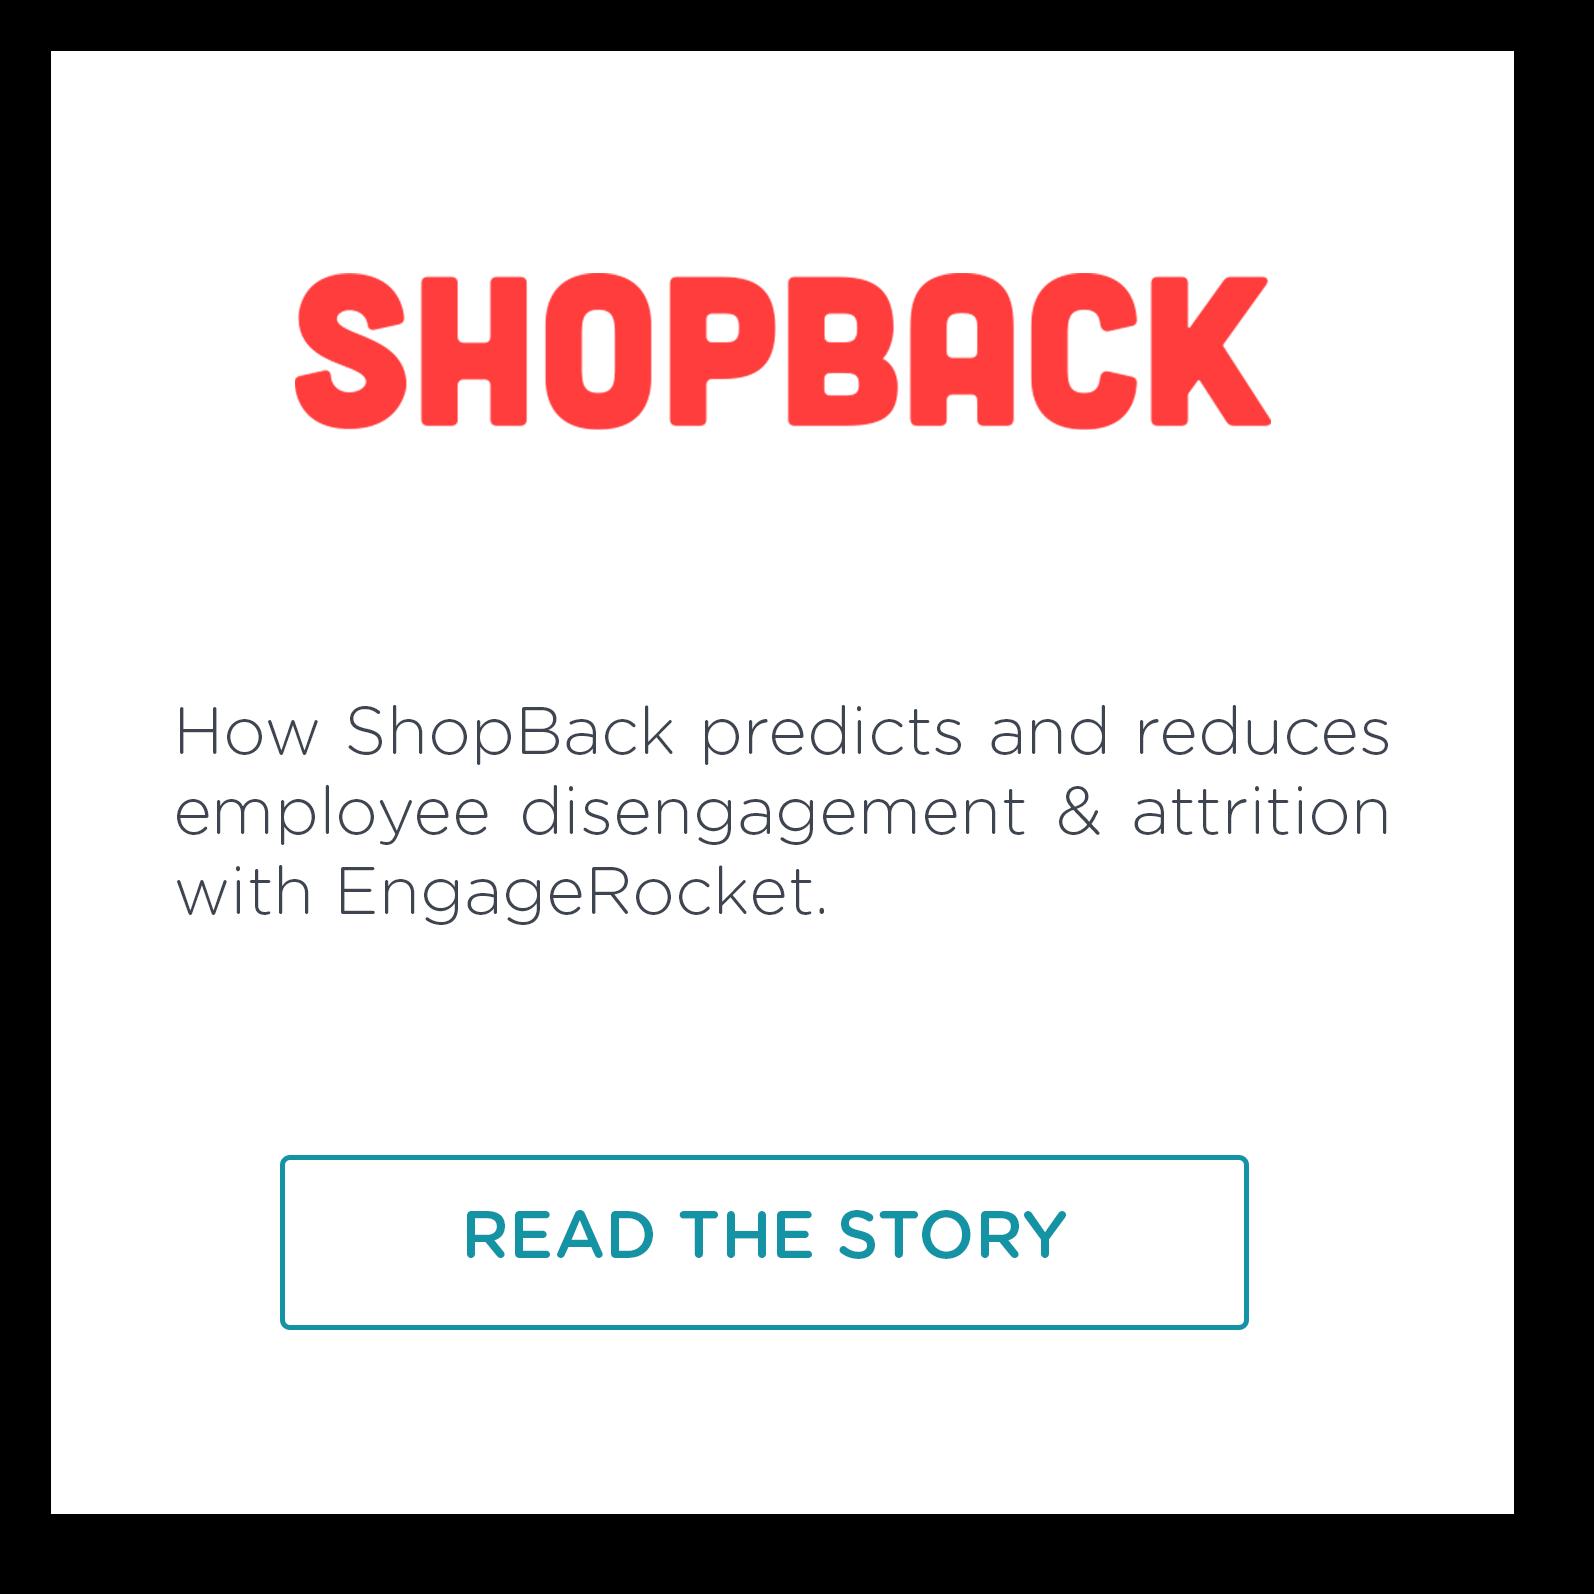 shopcack_story